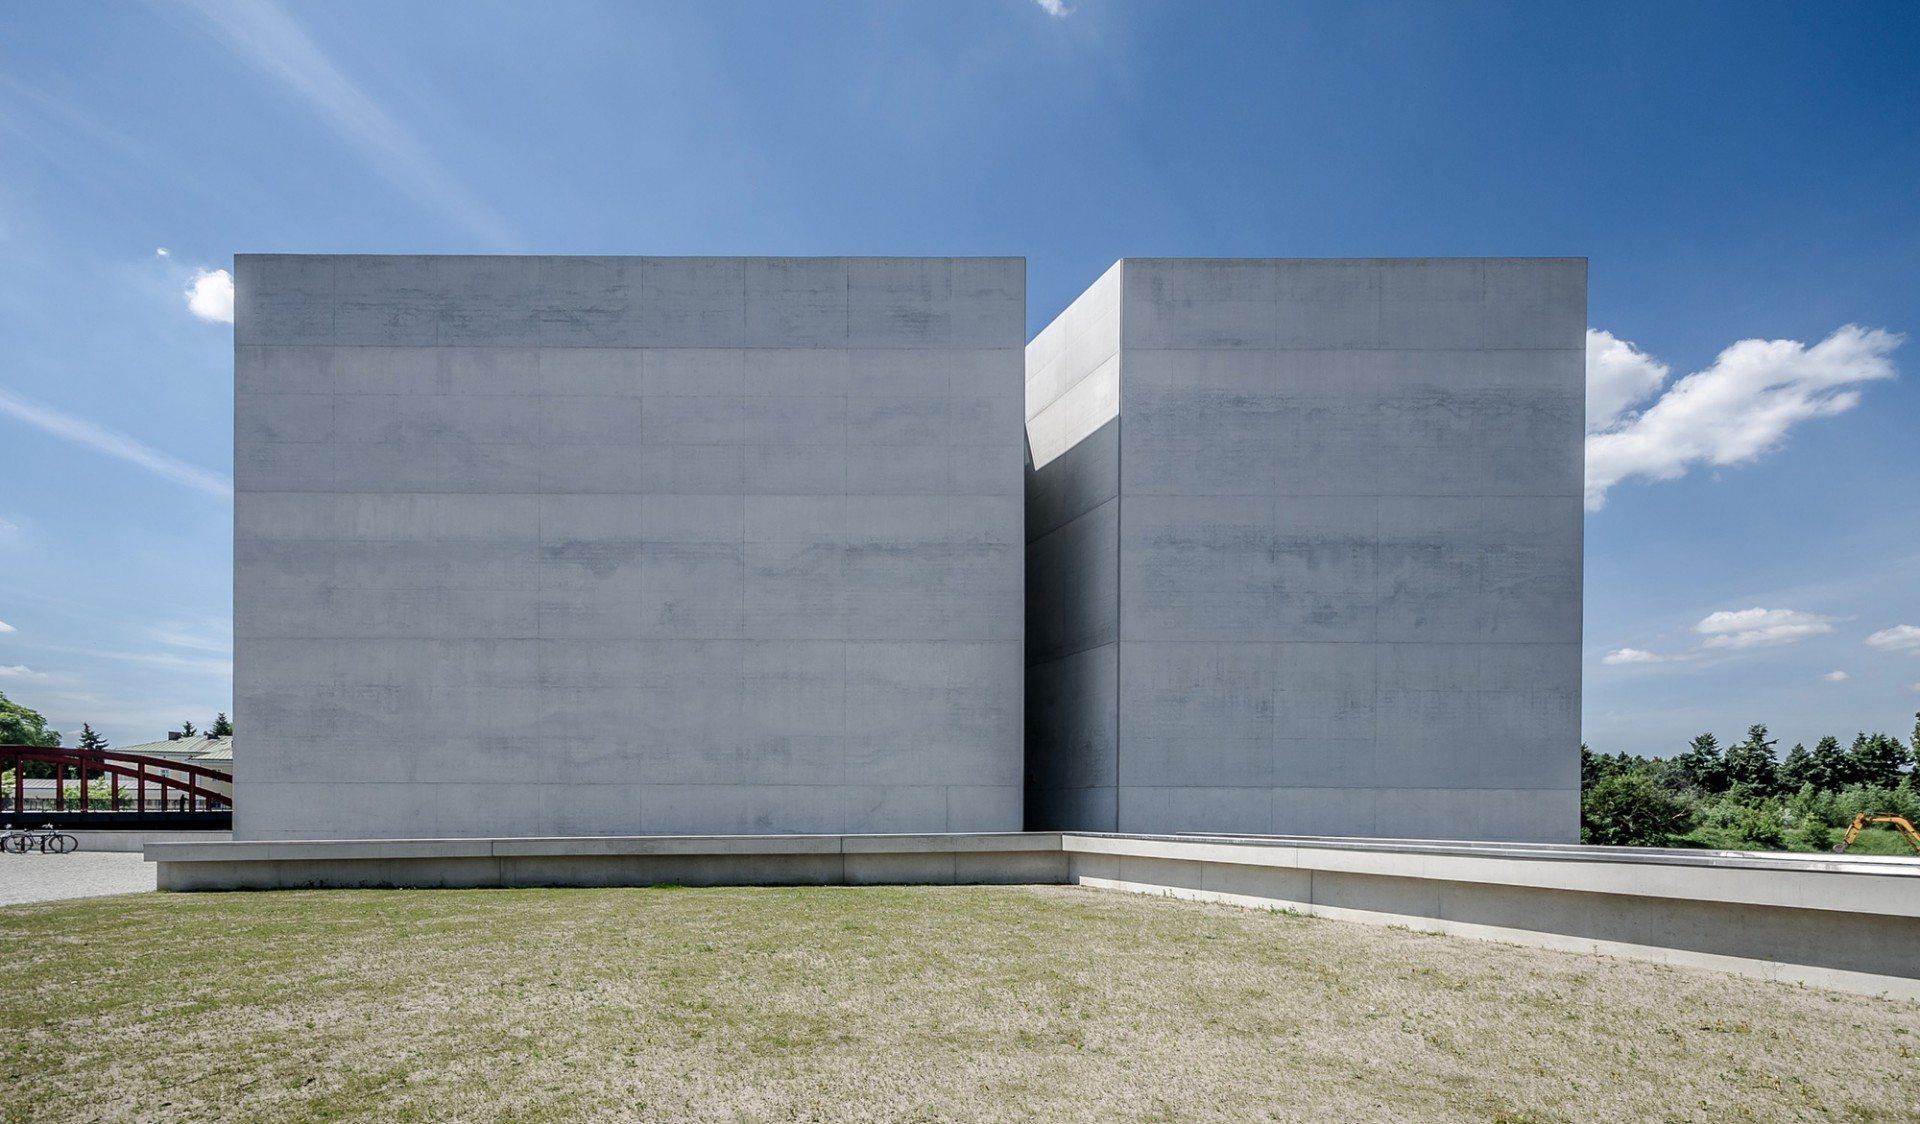 Minimalistisch. Mit der klaren Kubatur und dem Verzicht auf jegliche Ornamentierung respektieren die Architekten einerseits den historischen Kontext und unterstreichen gleichzeitig die Bedeutung des Ortes.